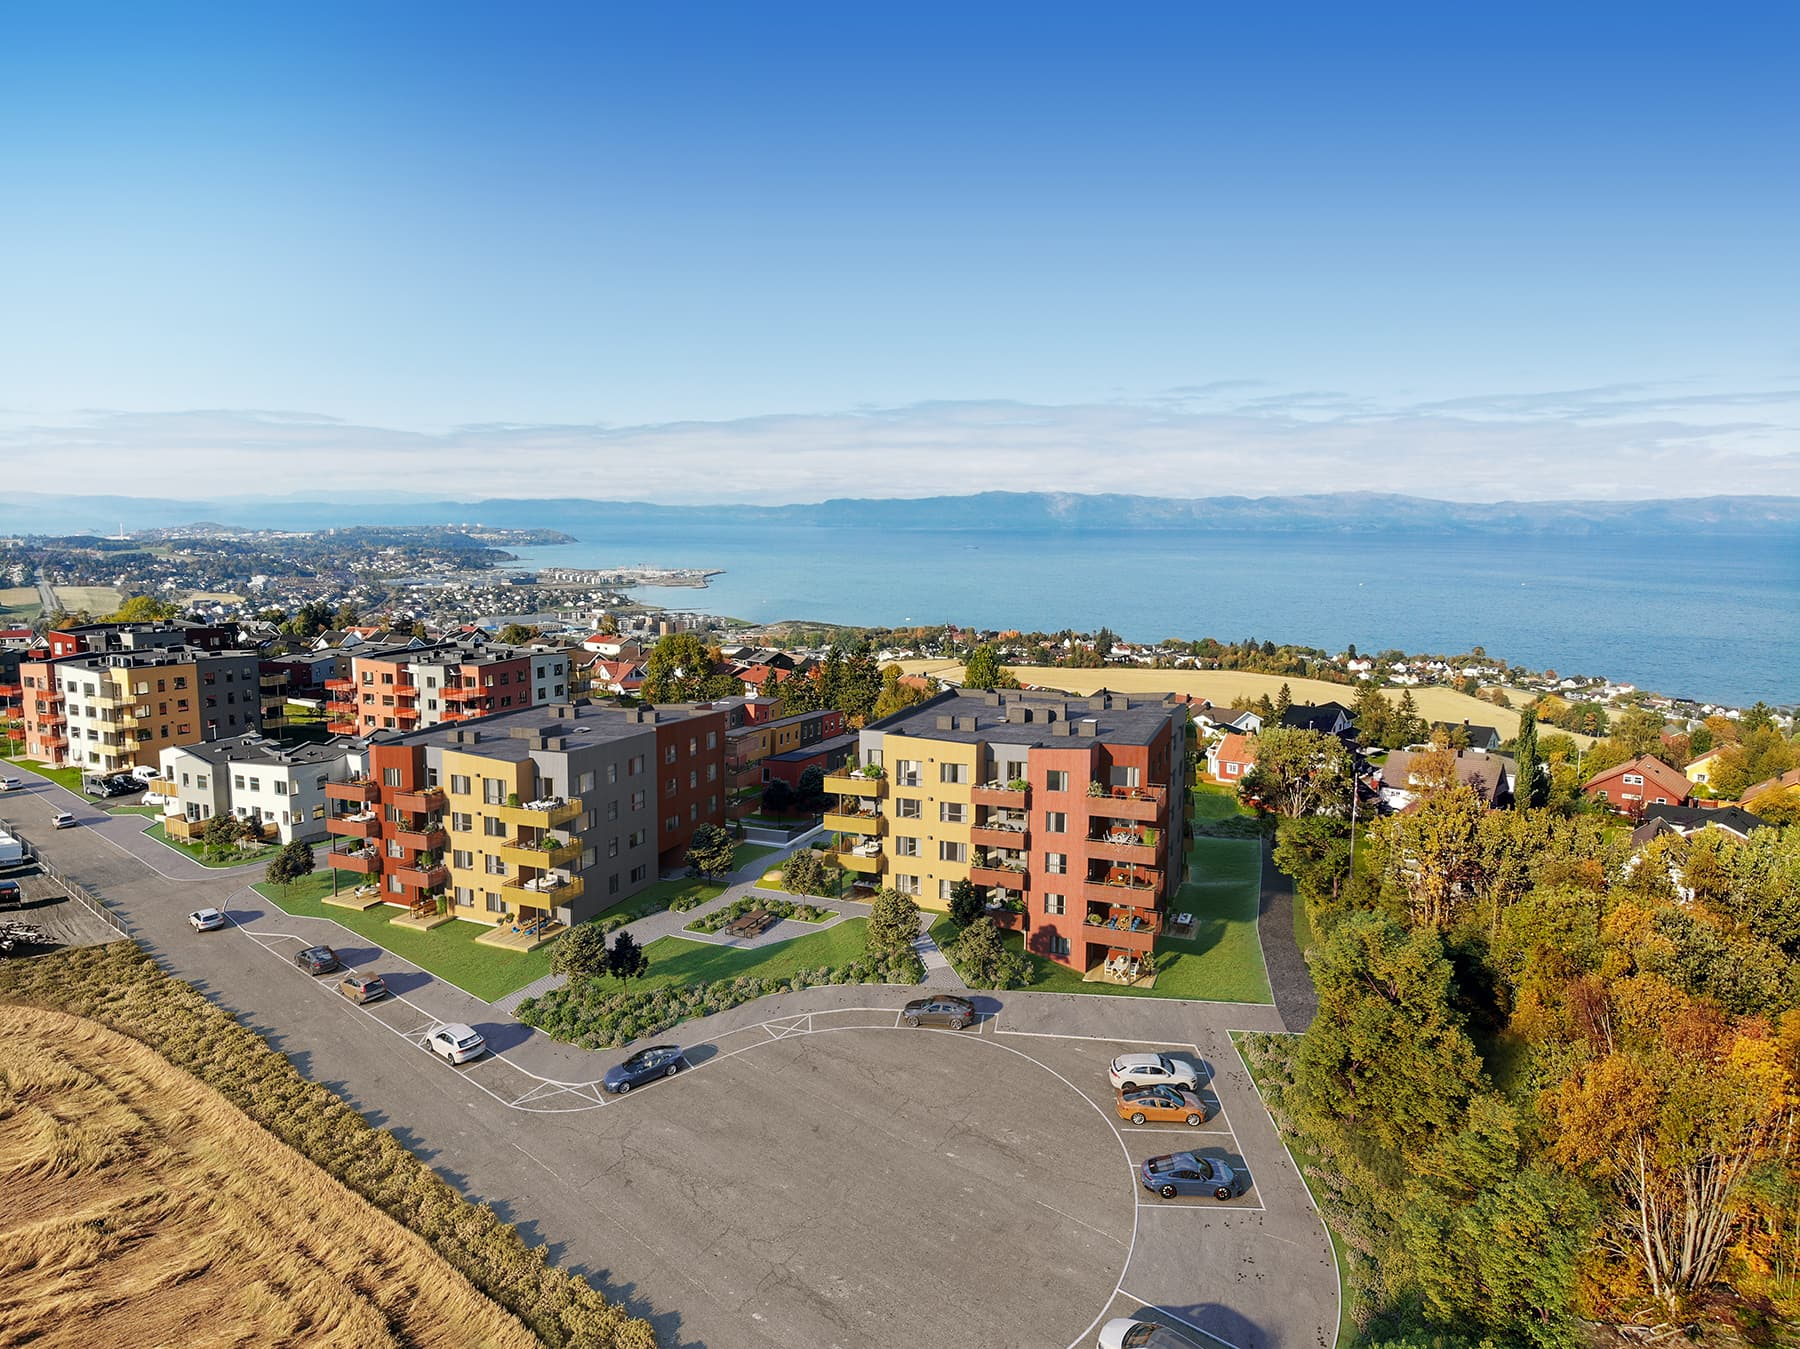 Reppetoppen. Dronebildet over området og utsikt mot fjorden i bakgrunnen. 3D-illustrasjon.